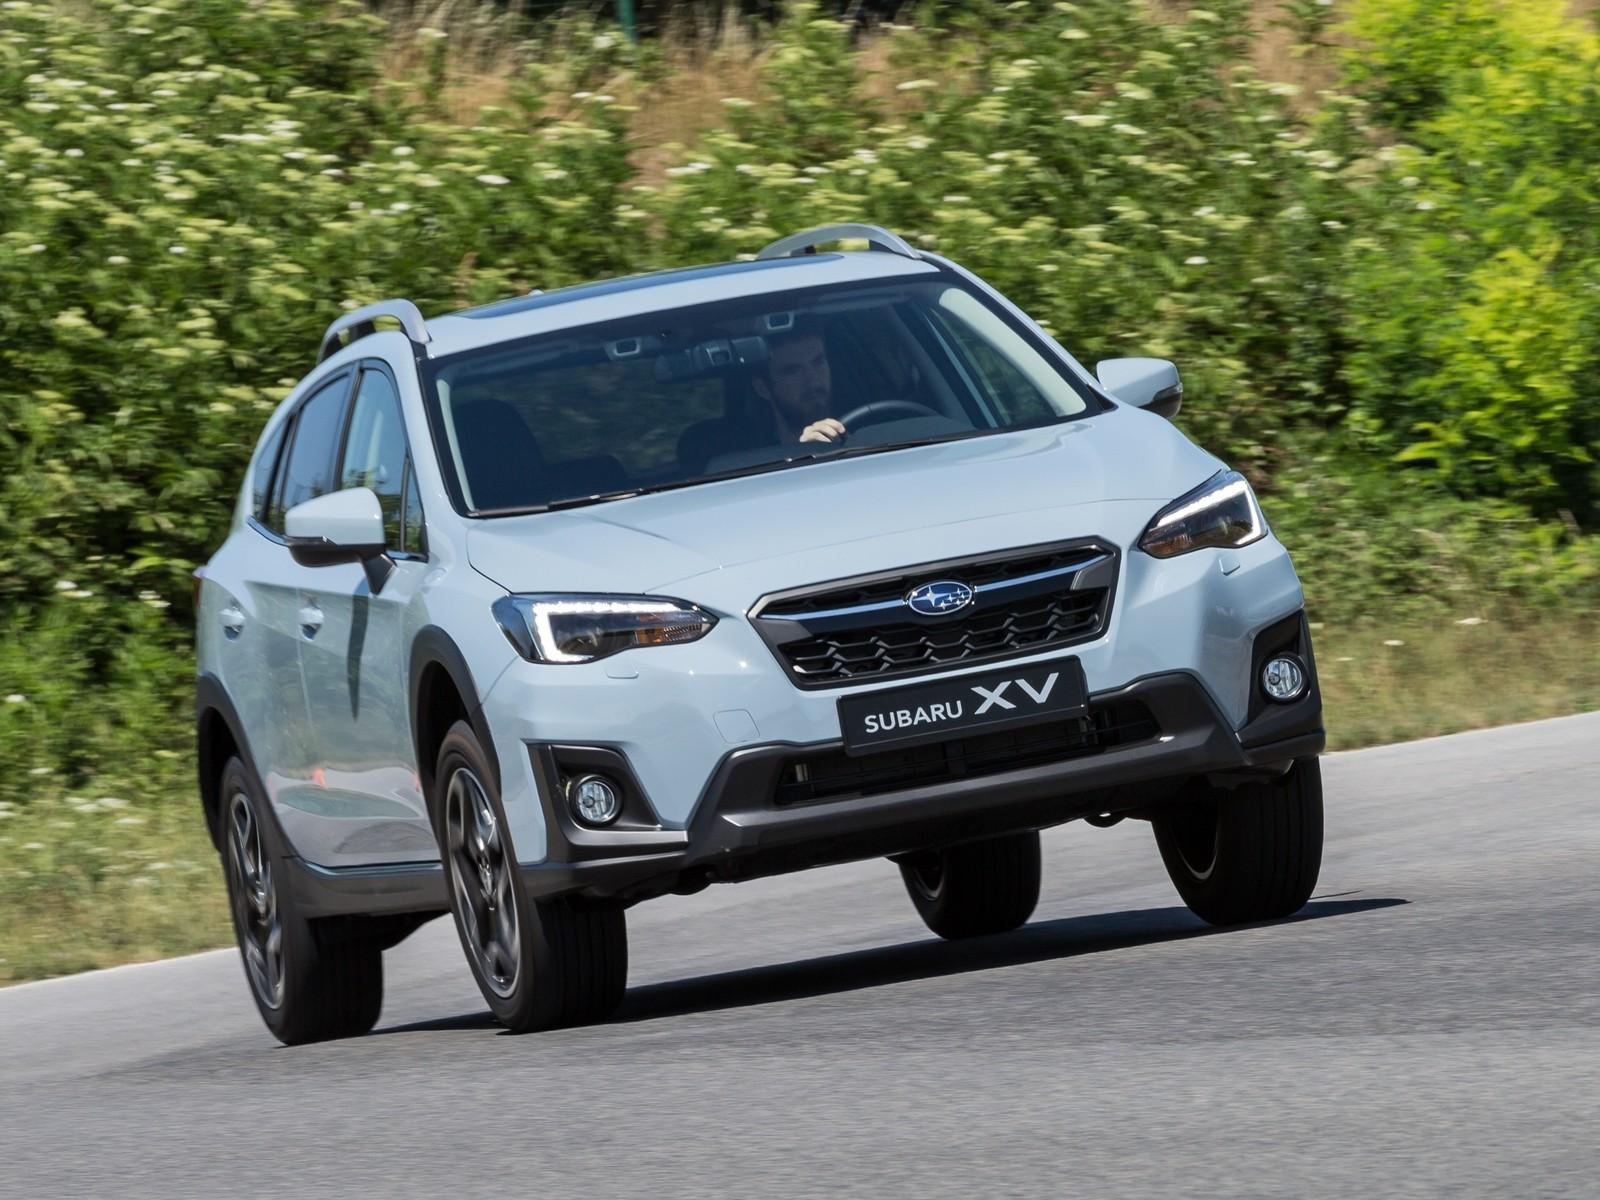 Плохо рассчитали долговечность: Subaru отзывает в РФ кроссоверы XV